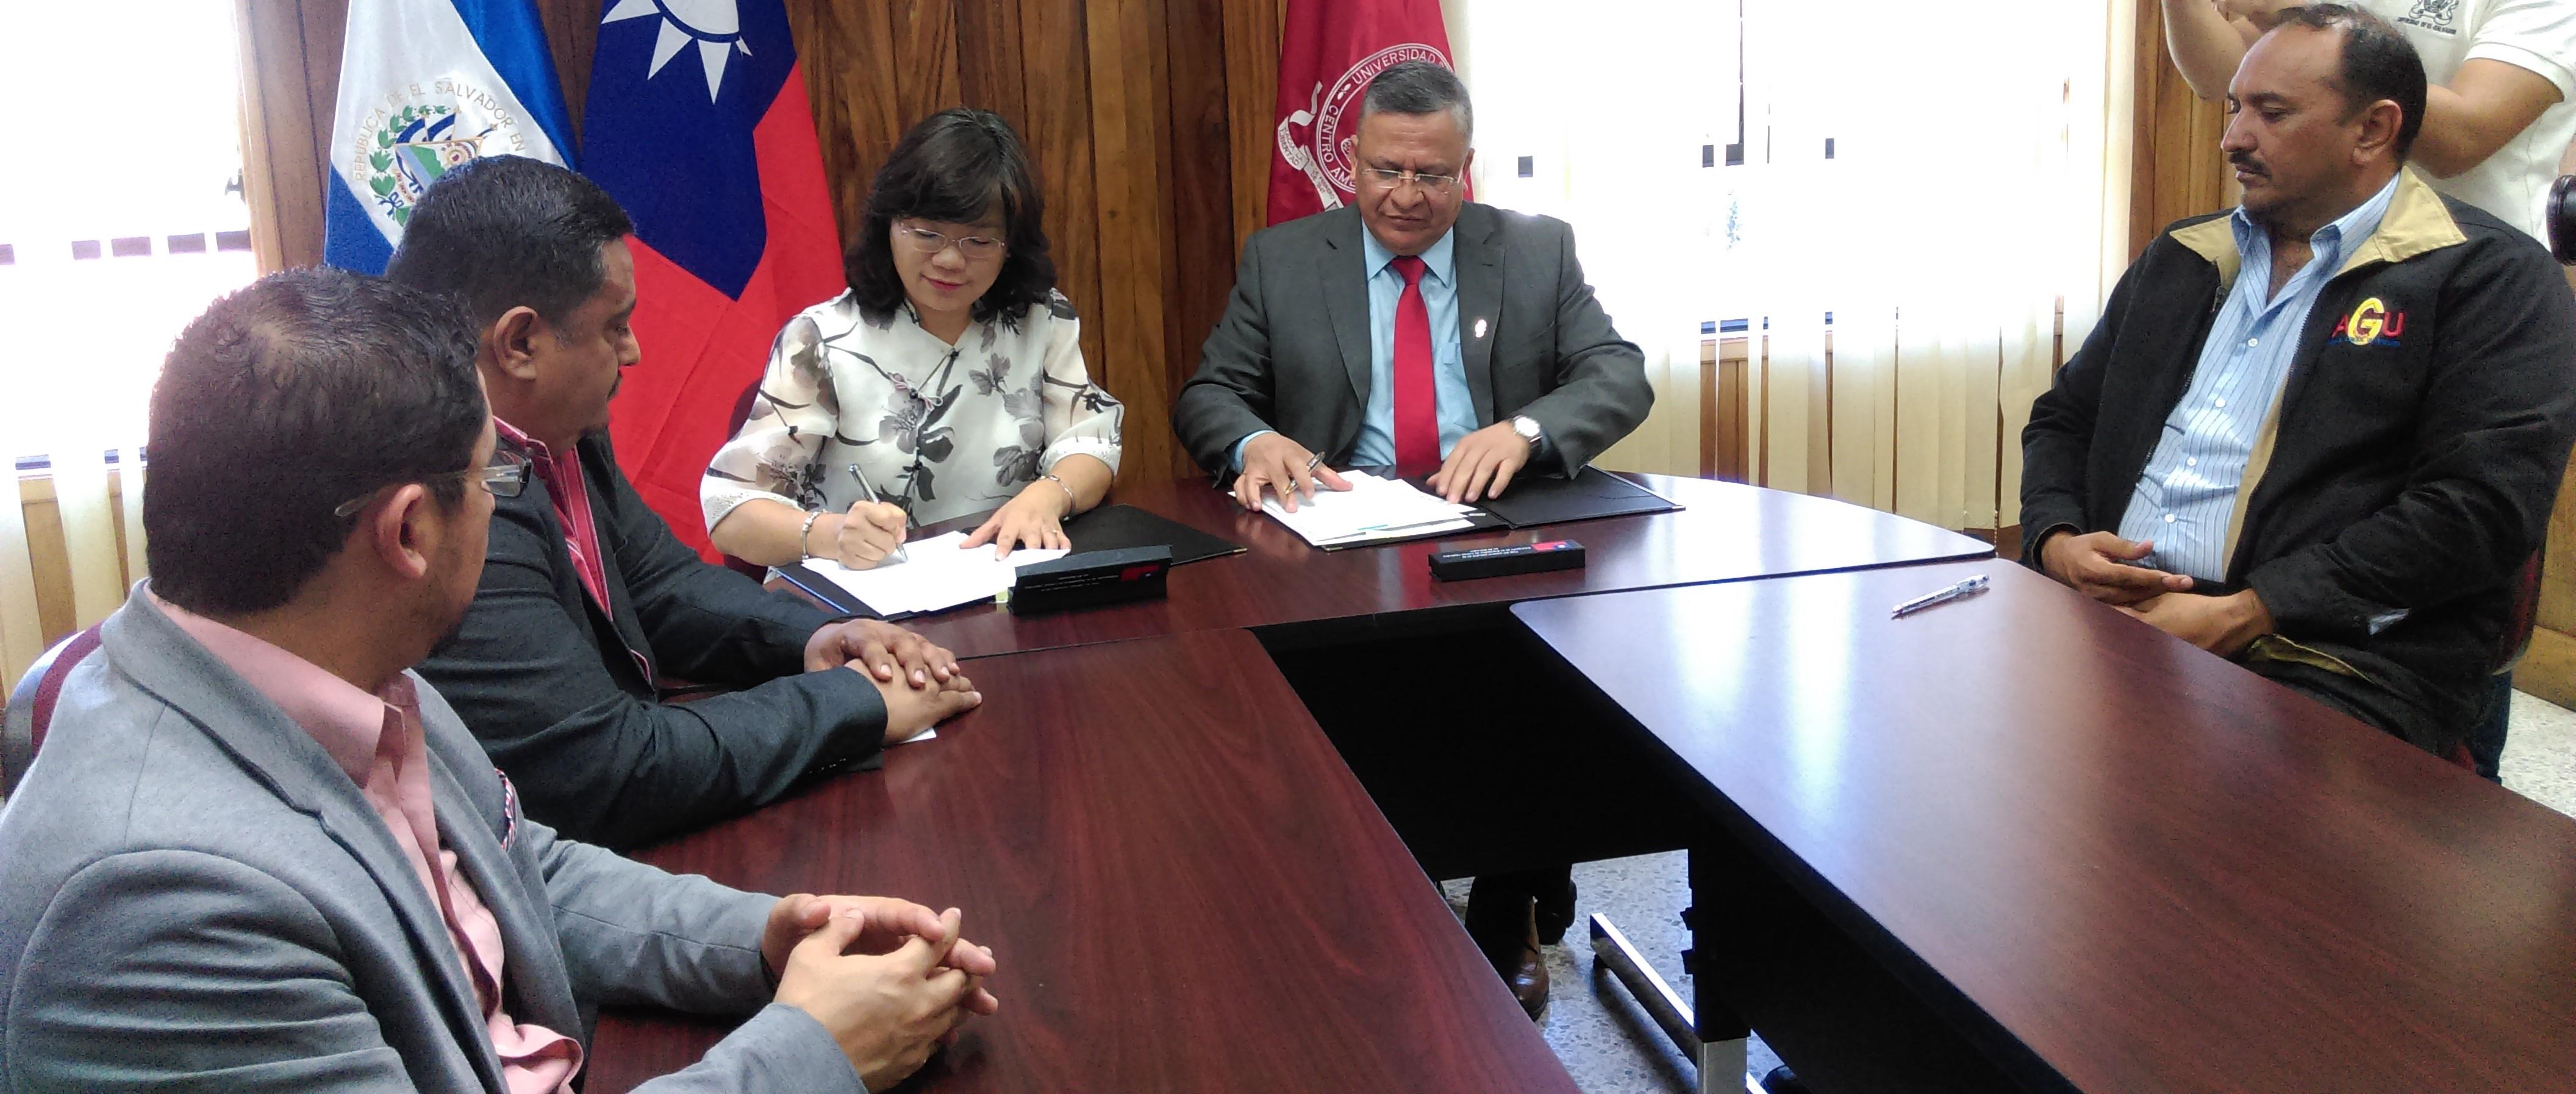 Universidad Nacional de Chengchi de Taiwán y Universidad de El Salvador firman Memorándum de Entendimiento